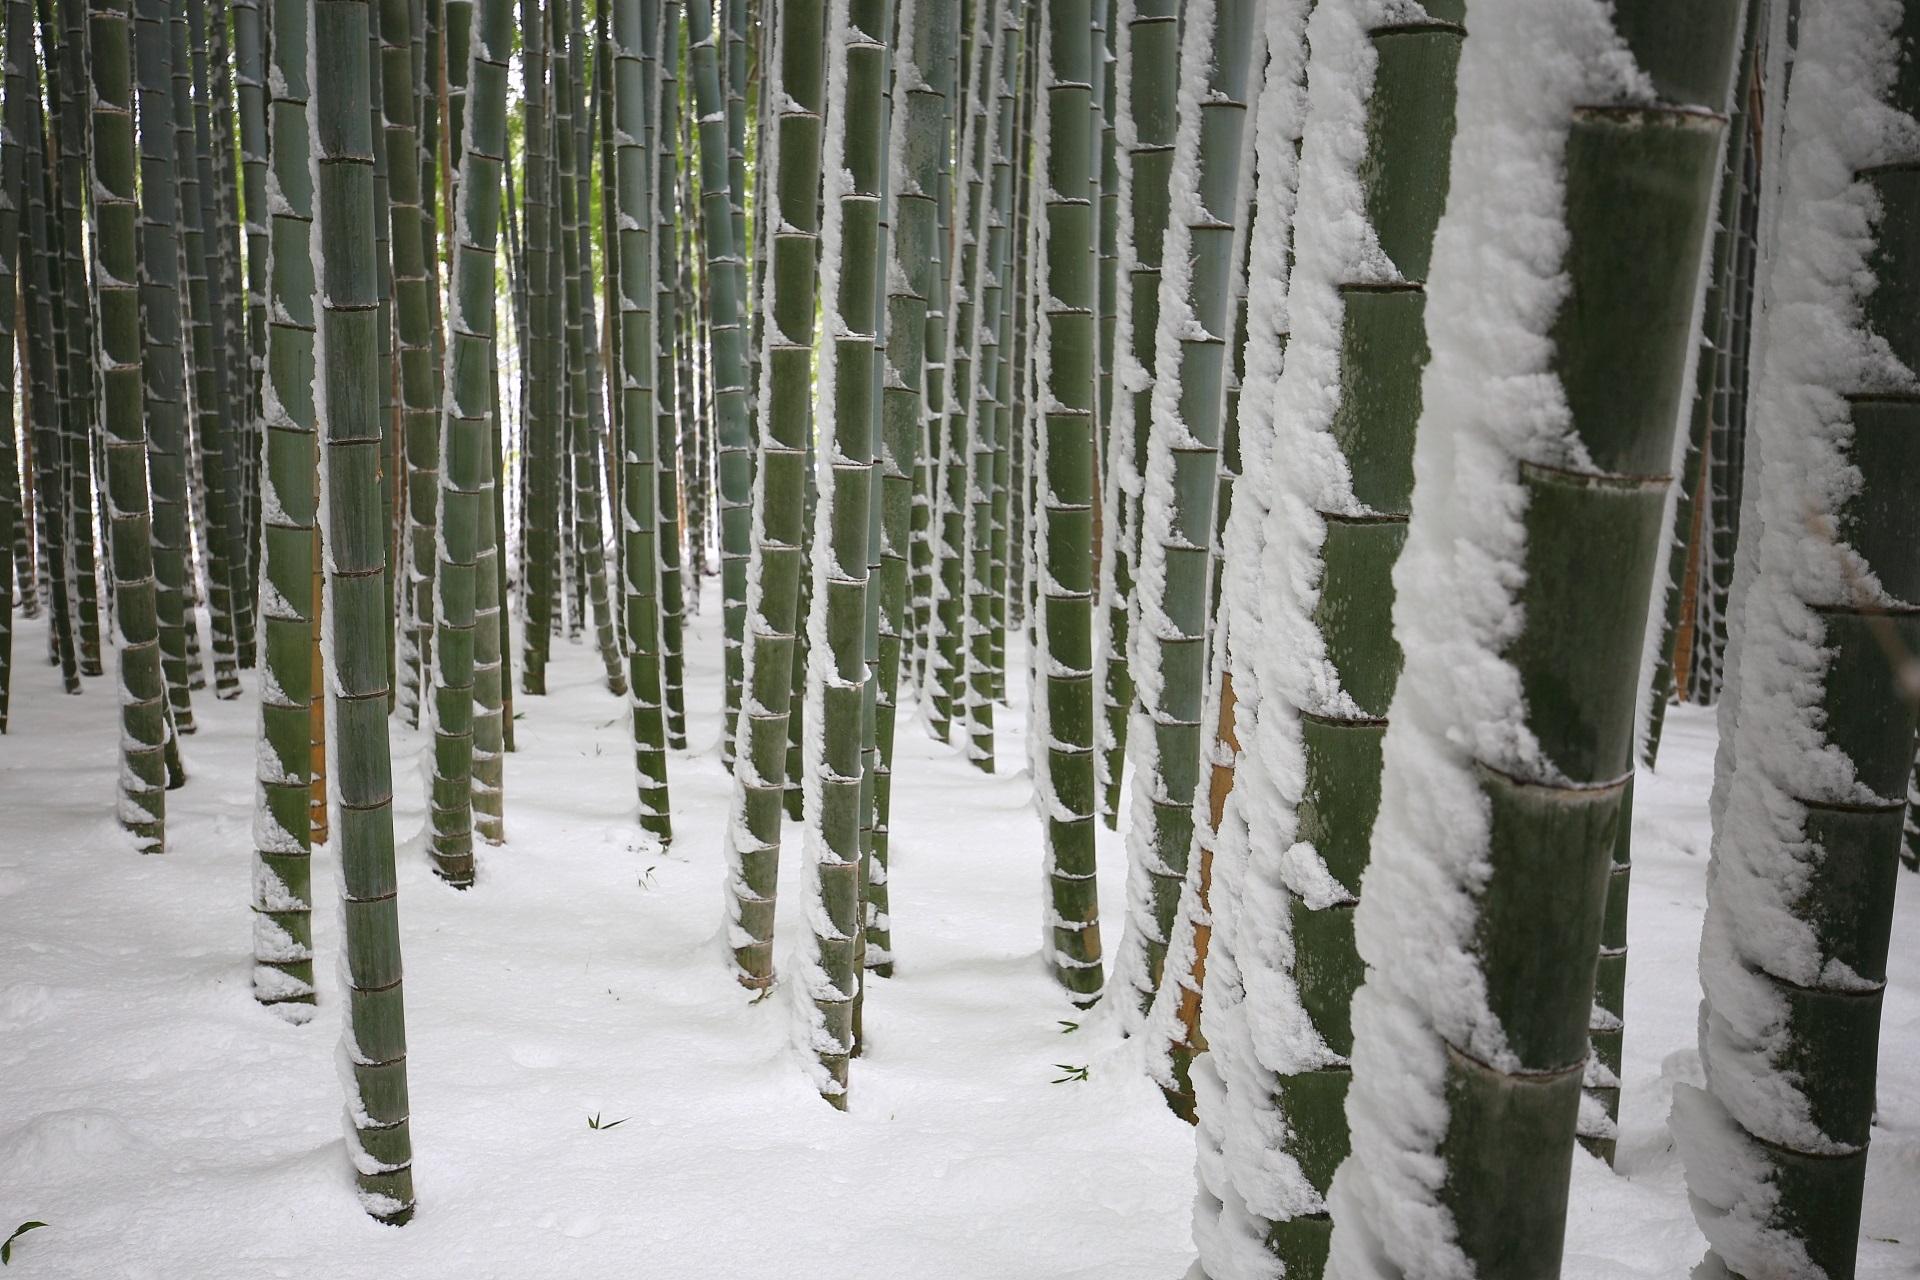 竹の緑と雪の白の綺麗なコントラスト